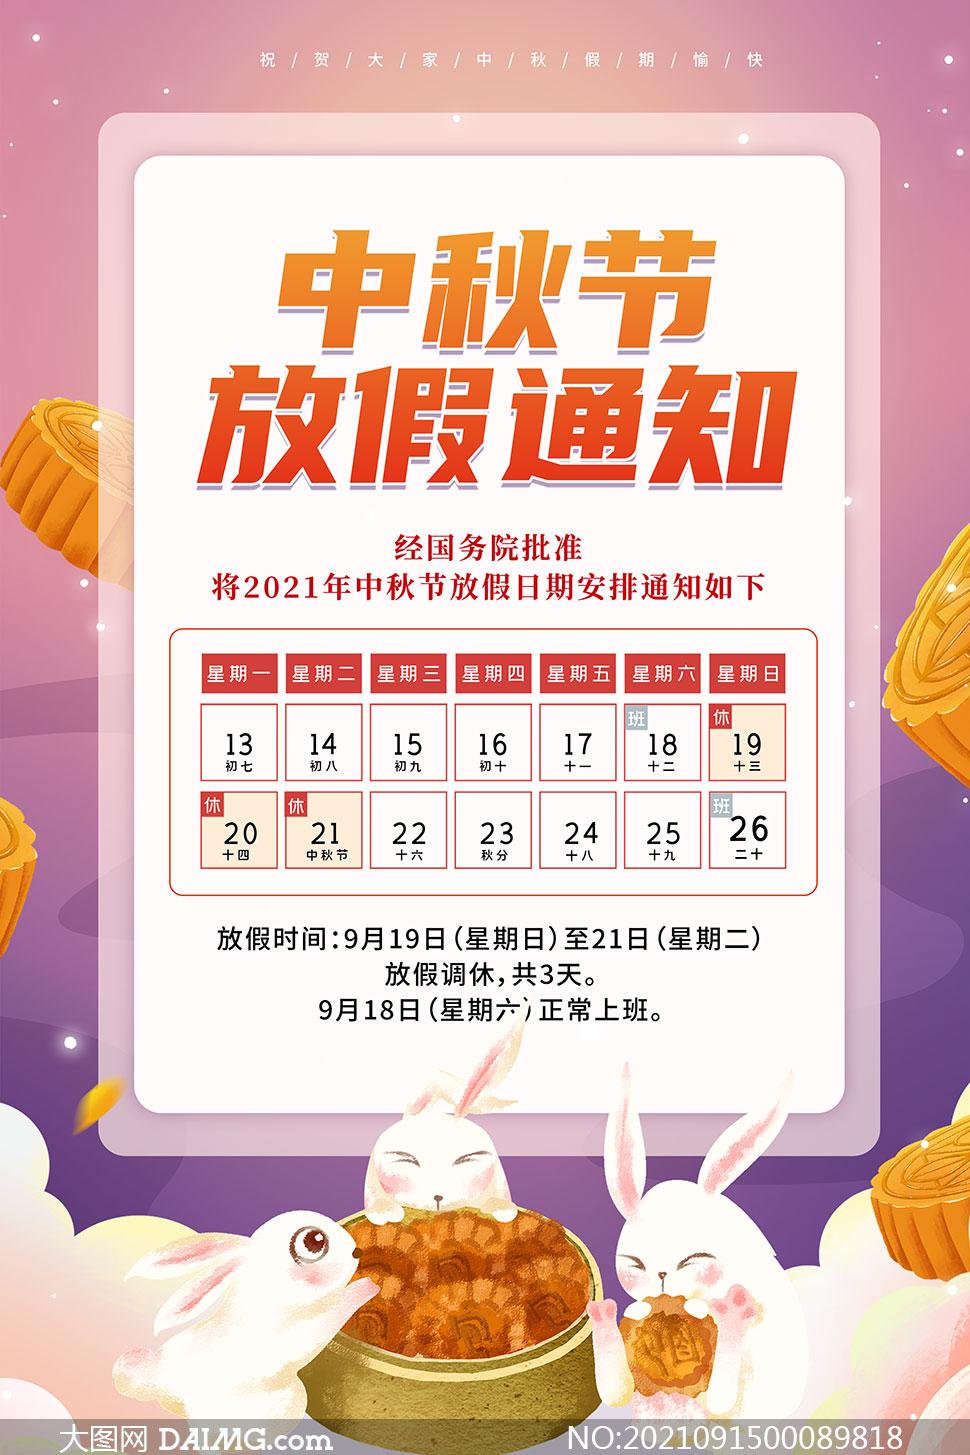 2021年中秋节企业假期安排海报设计